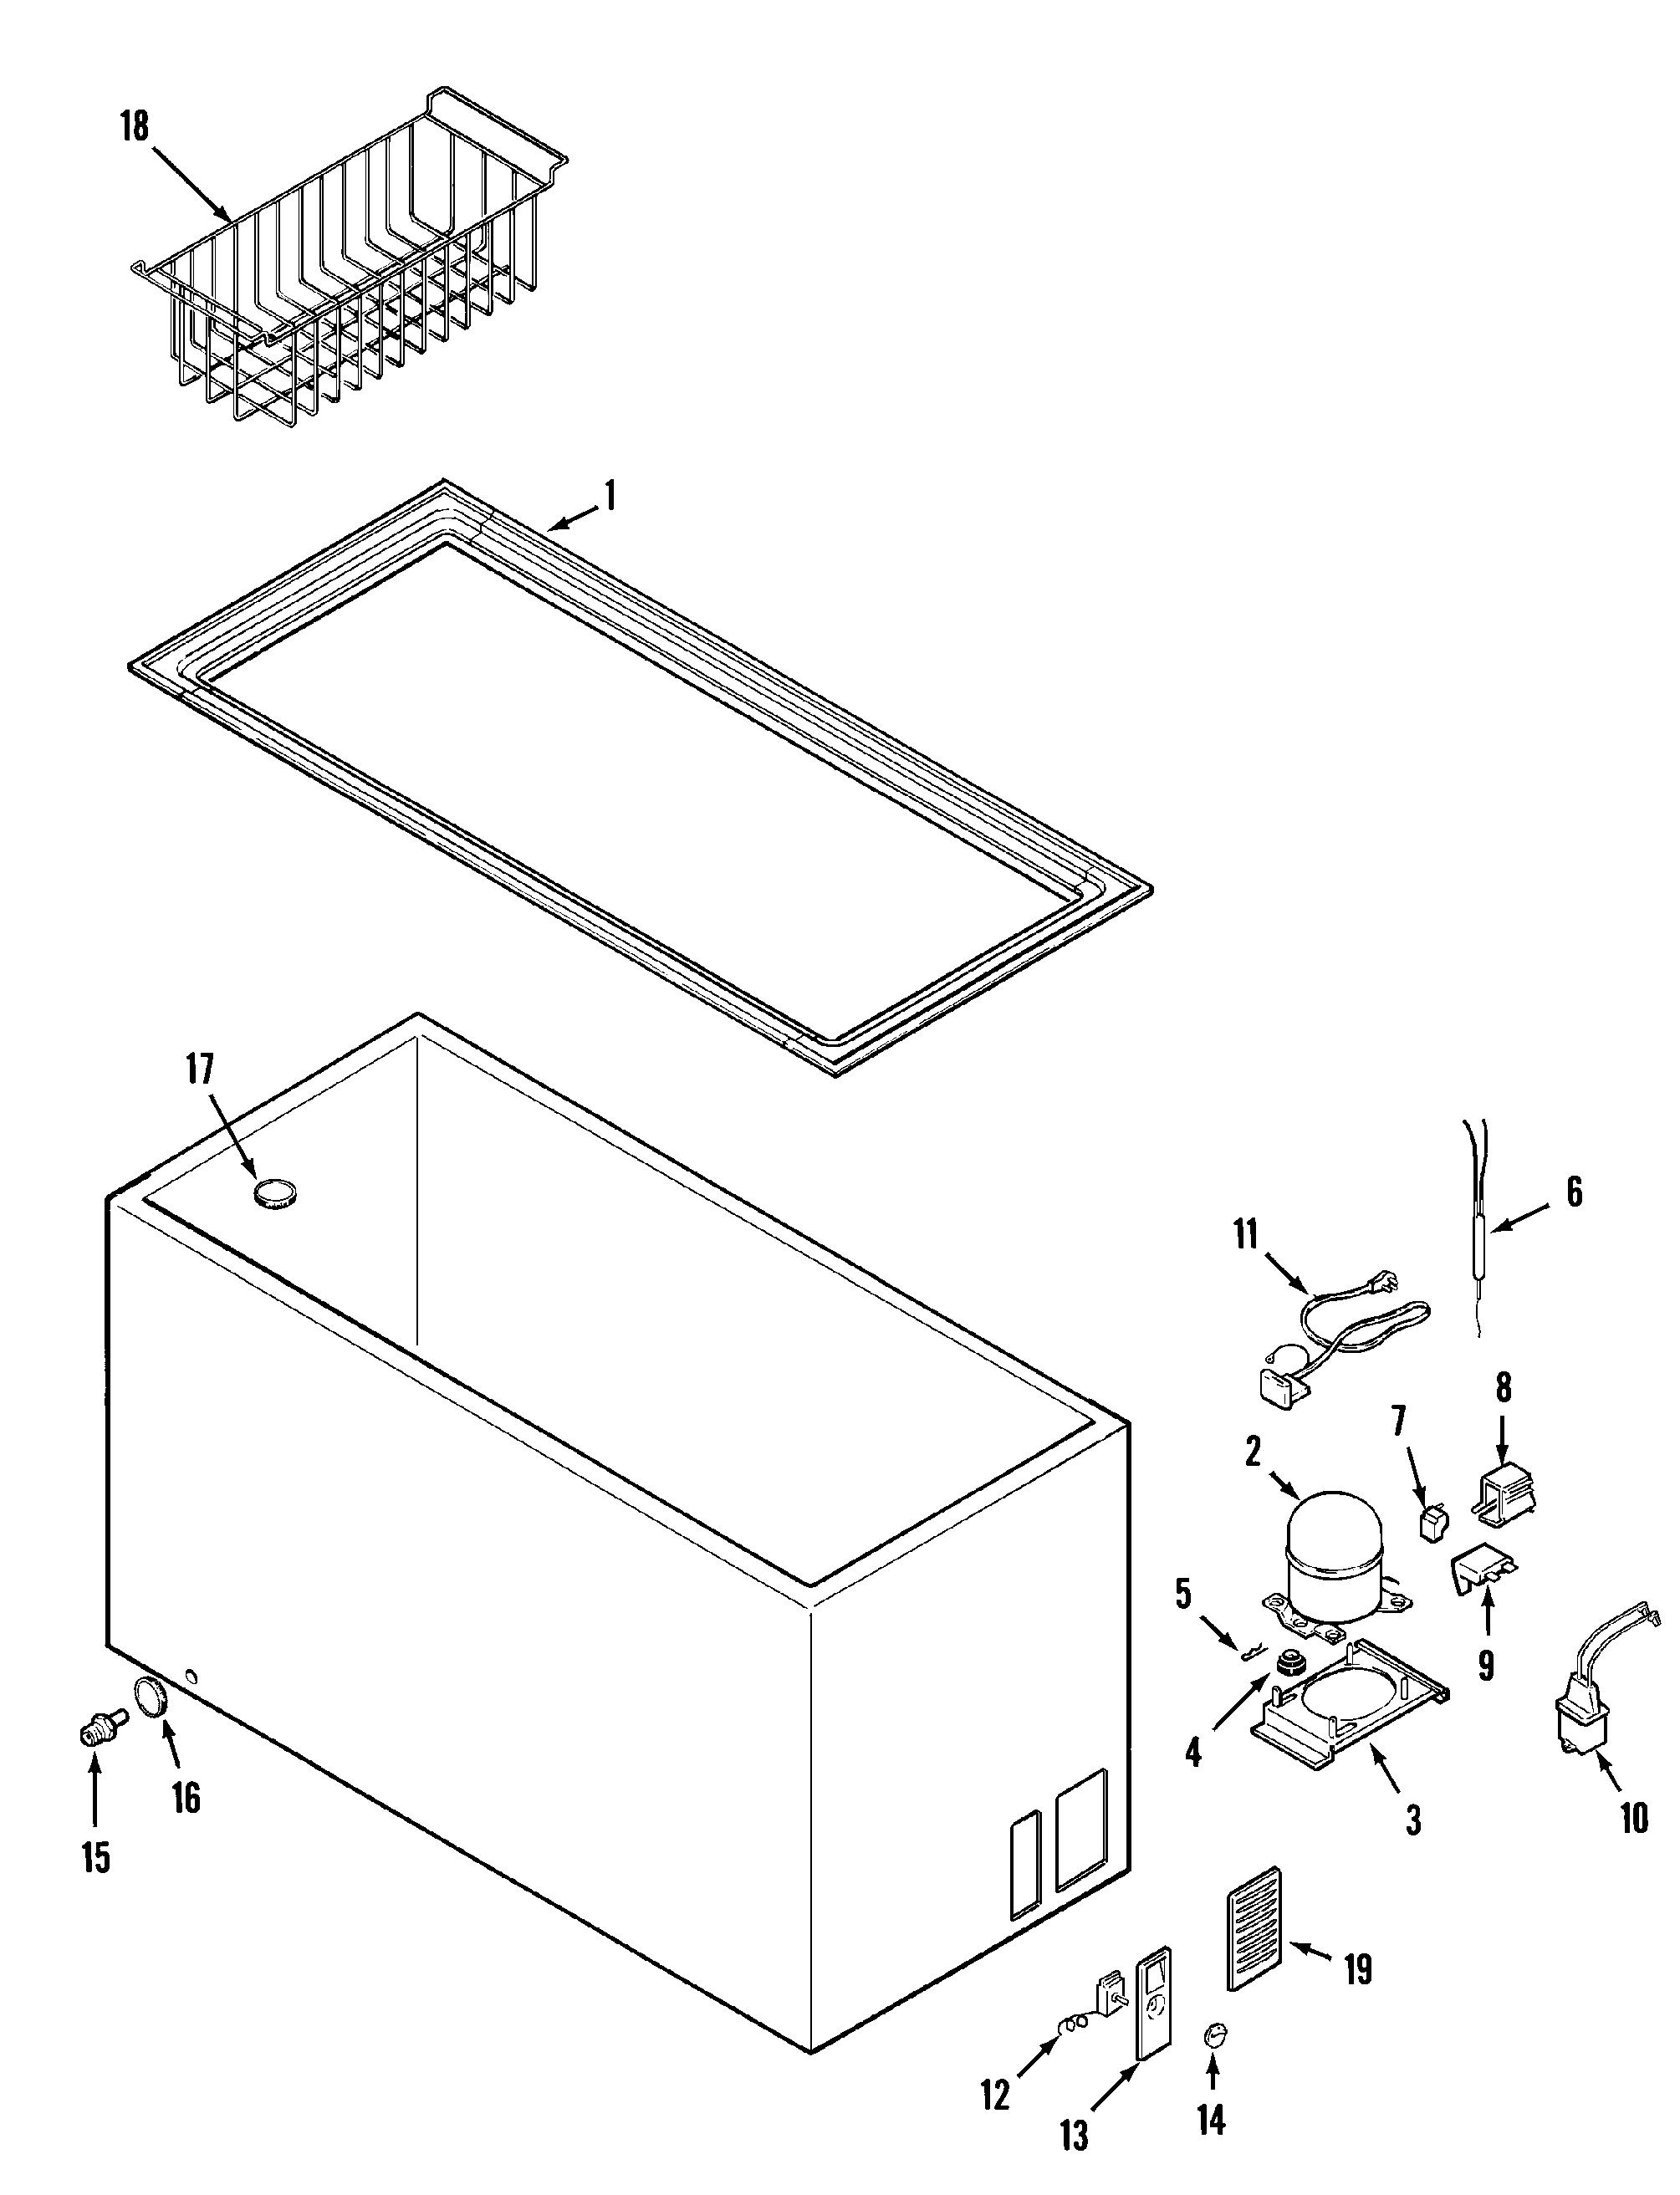 Washer Tech Sheets Wiring Diagram Swx703cs0